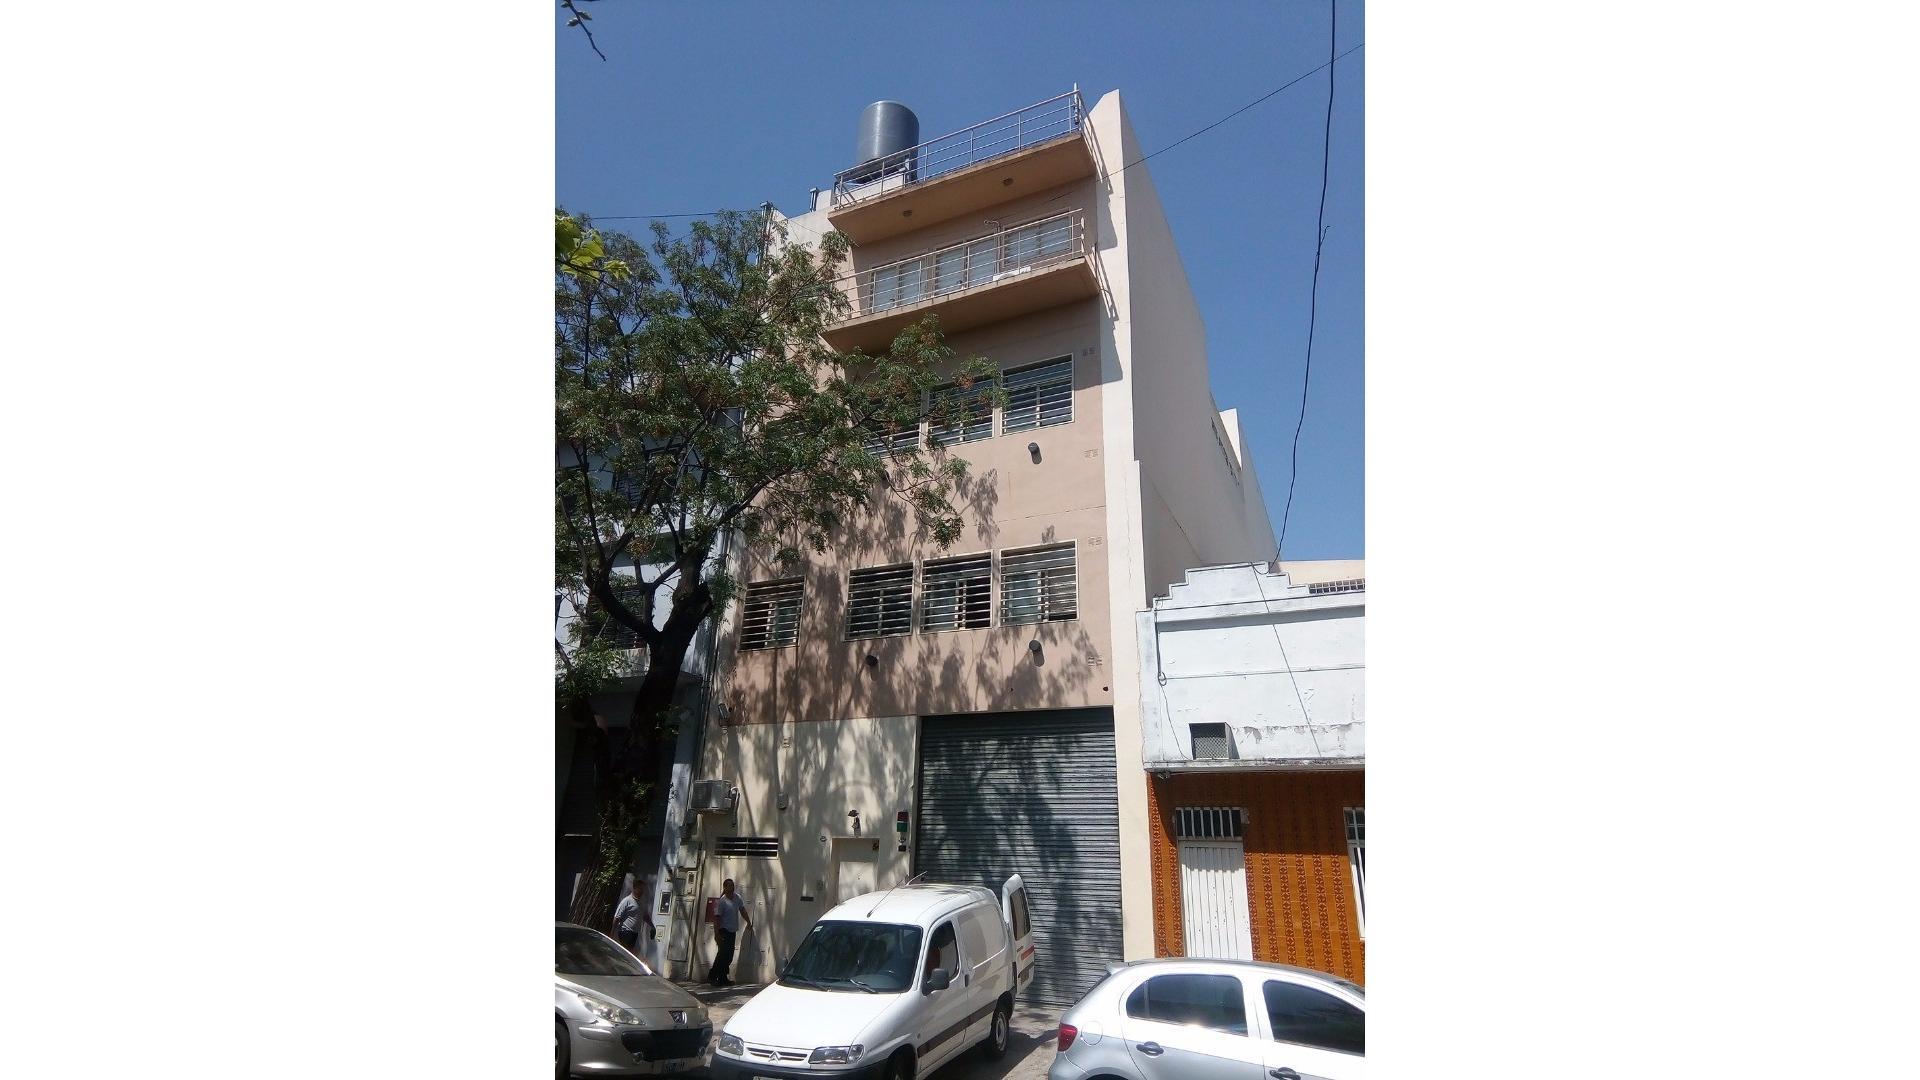 Importante edificio de oficinas, planta baja, tres pisos y terraza, con depósitos y cocheras